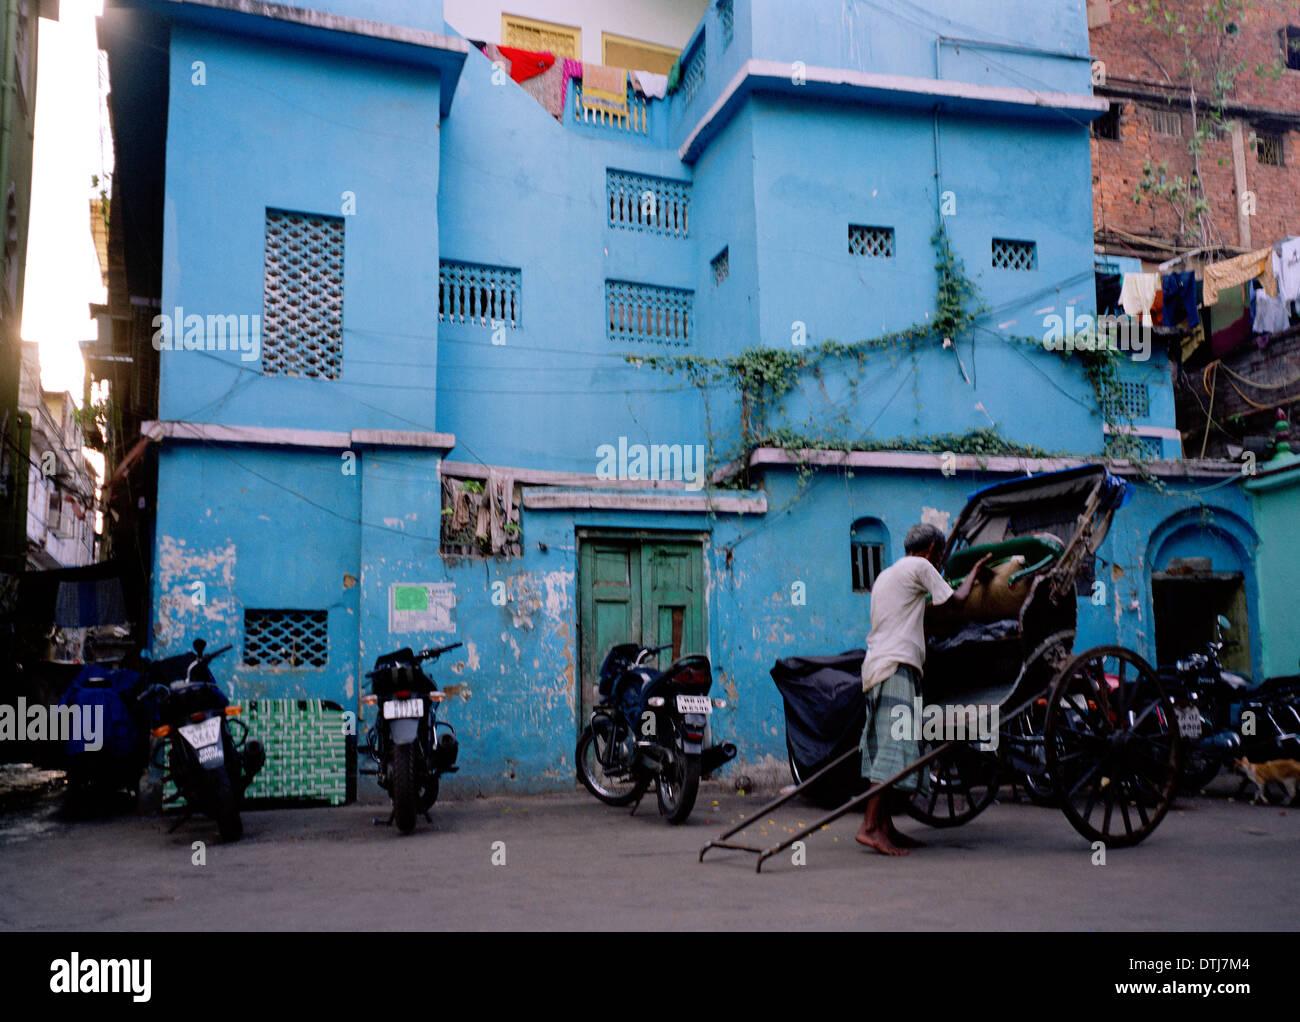 Pousse-pousse tiré dans la ville de Kolkata Calcutta dans le Bengale occidental en Inde, en Asie du Sud. La pauvreté urbaine des villes les gens des taudis de la vie de l'homme Billet Wanderlust Photo Stock